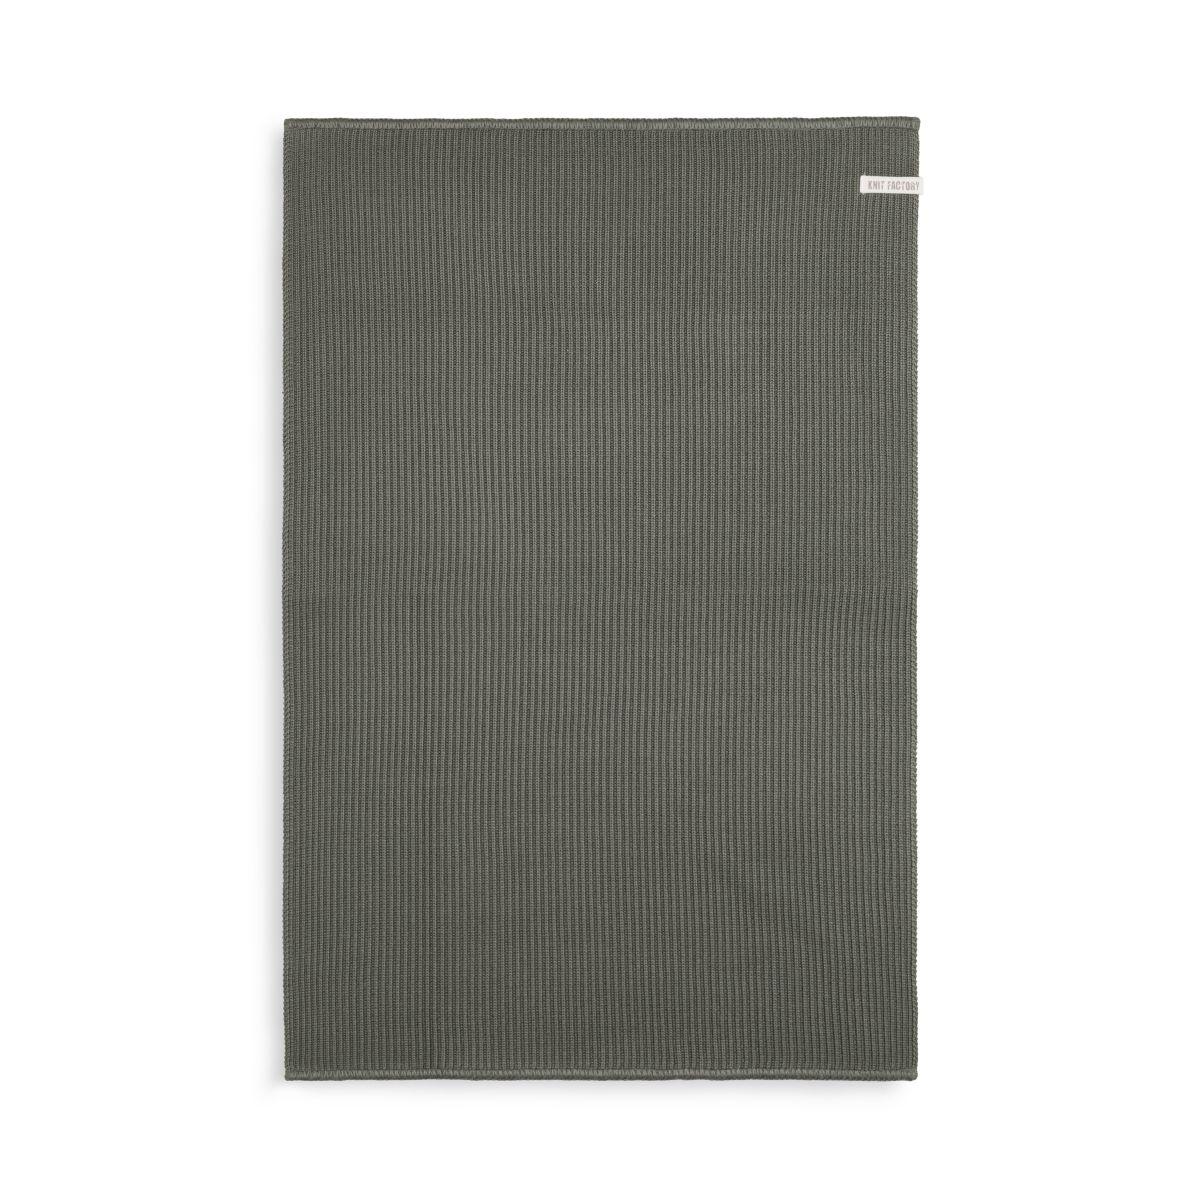 knit factory kf20322802552 badmat morres khaki 80x50 1